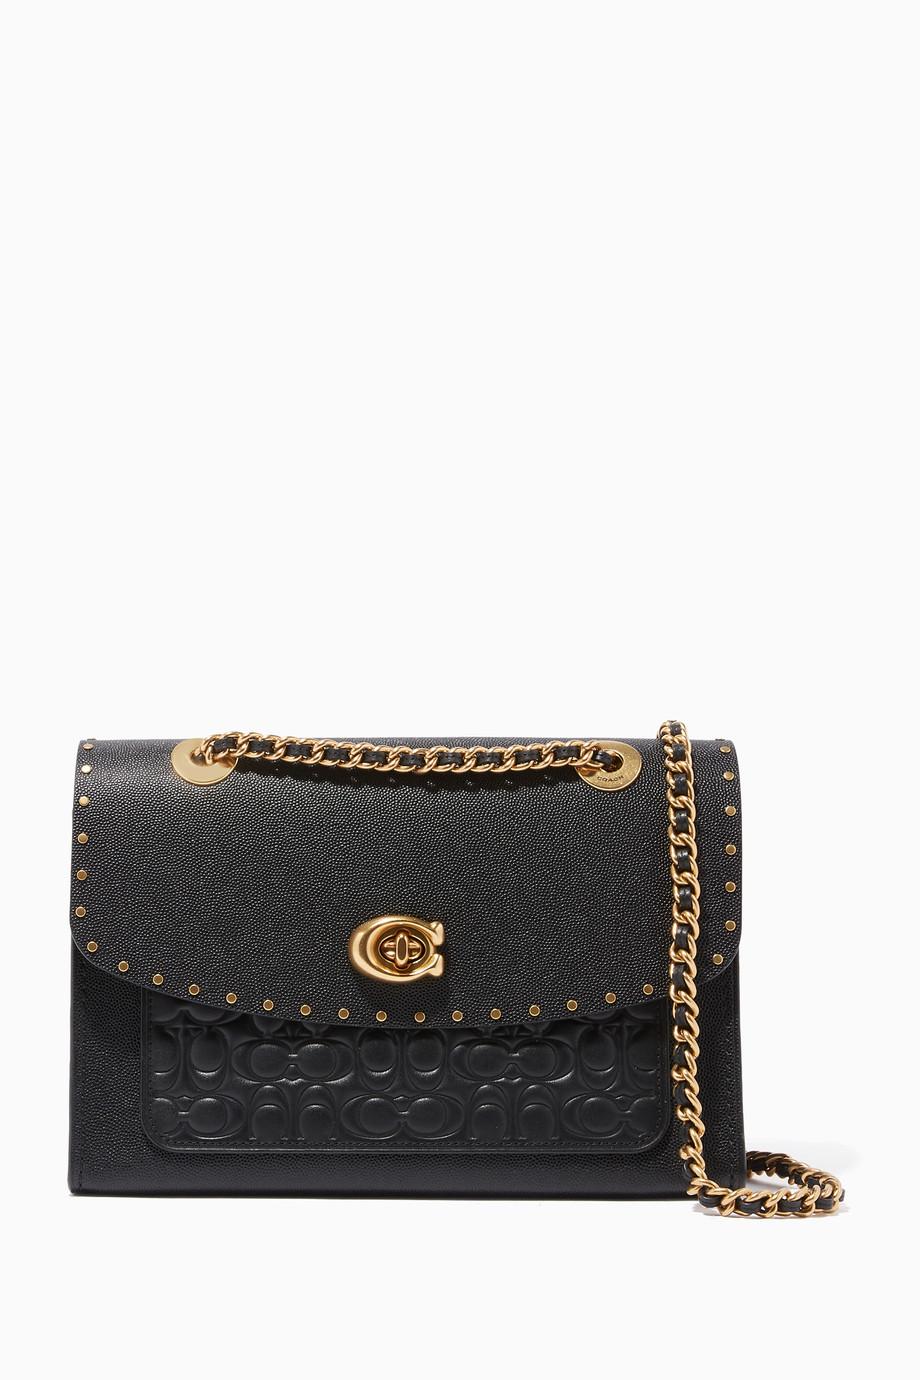 1dbde42637a9 Shop Coach Black Black Signature Colour-Block Parker Bag for Women ...